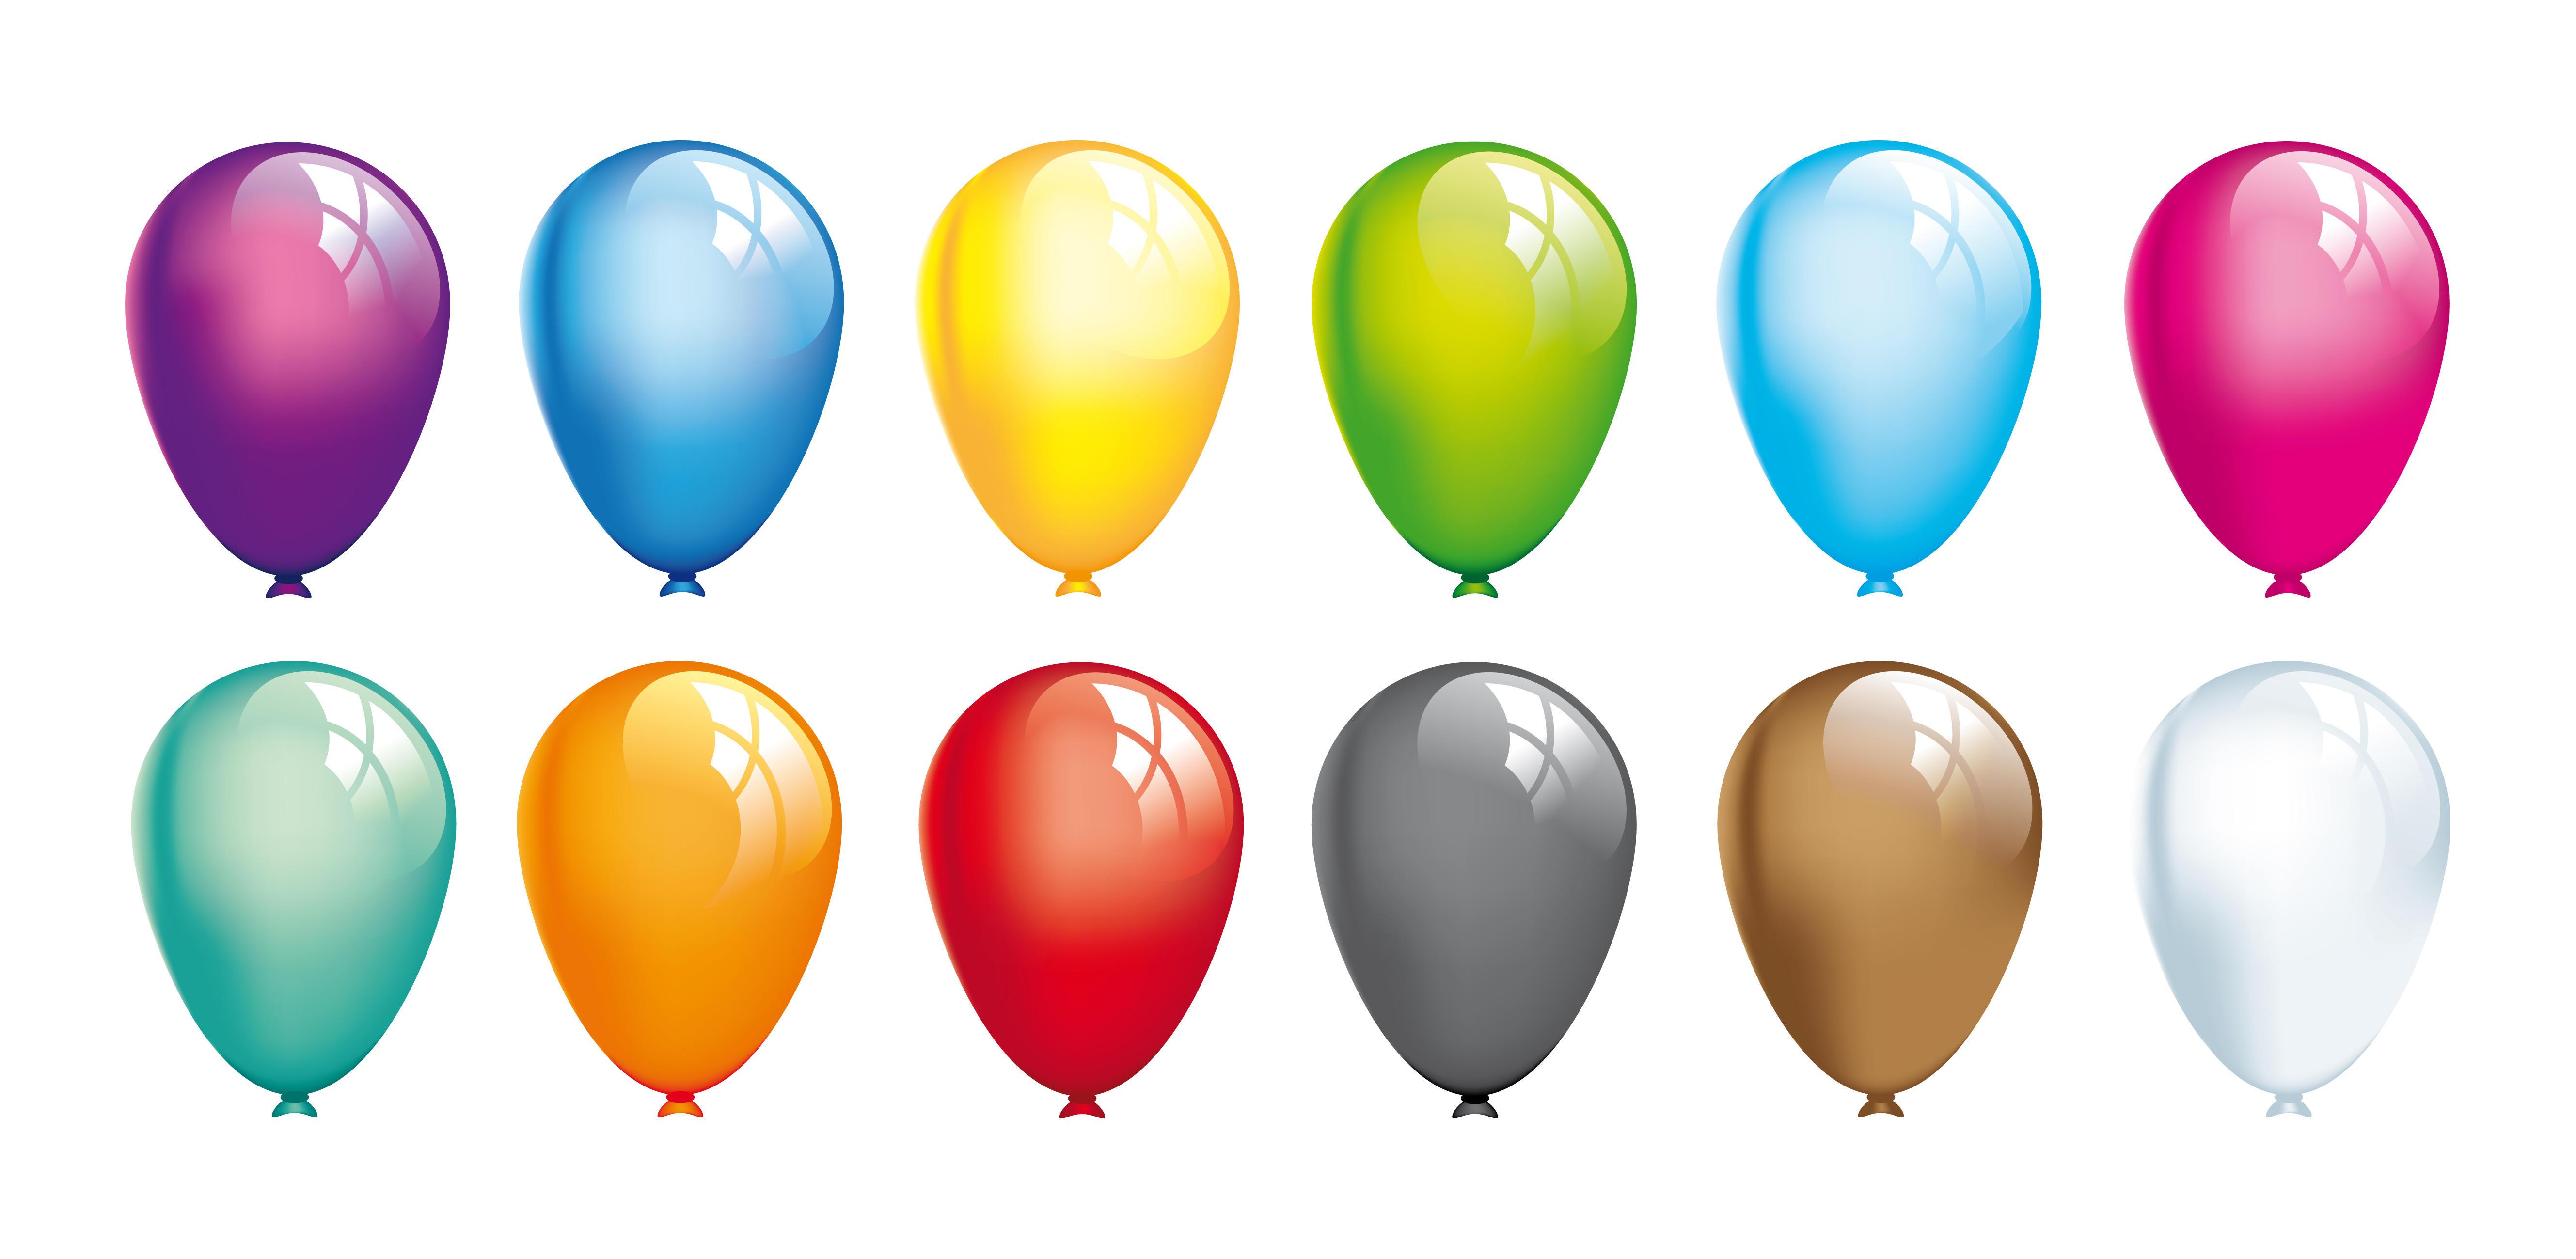 balloons vector by stoostock on deviantart rh stoostock deviantart com birthday balloon free vector download text balloon vector free download